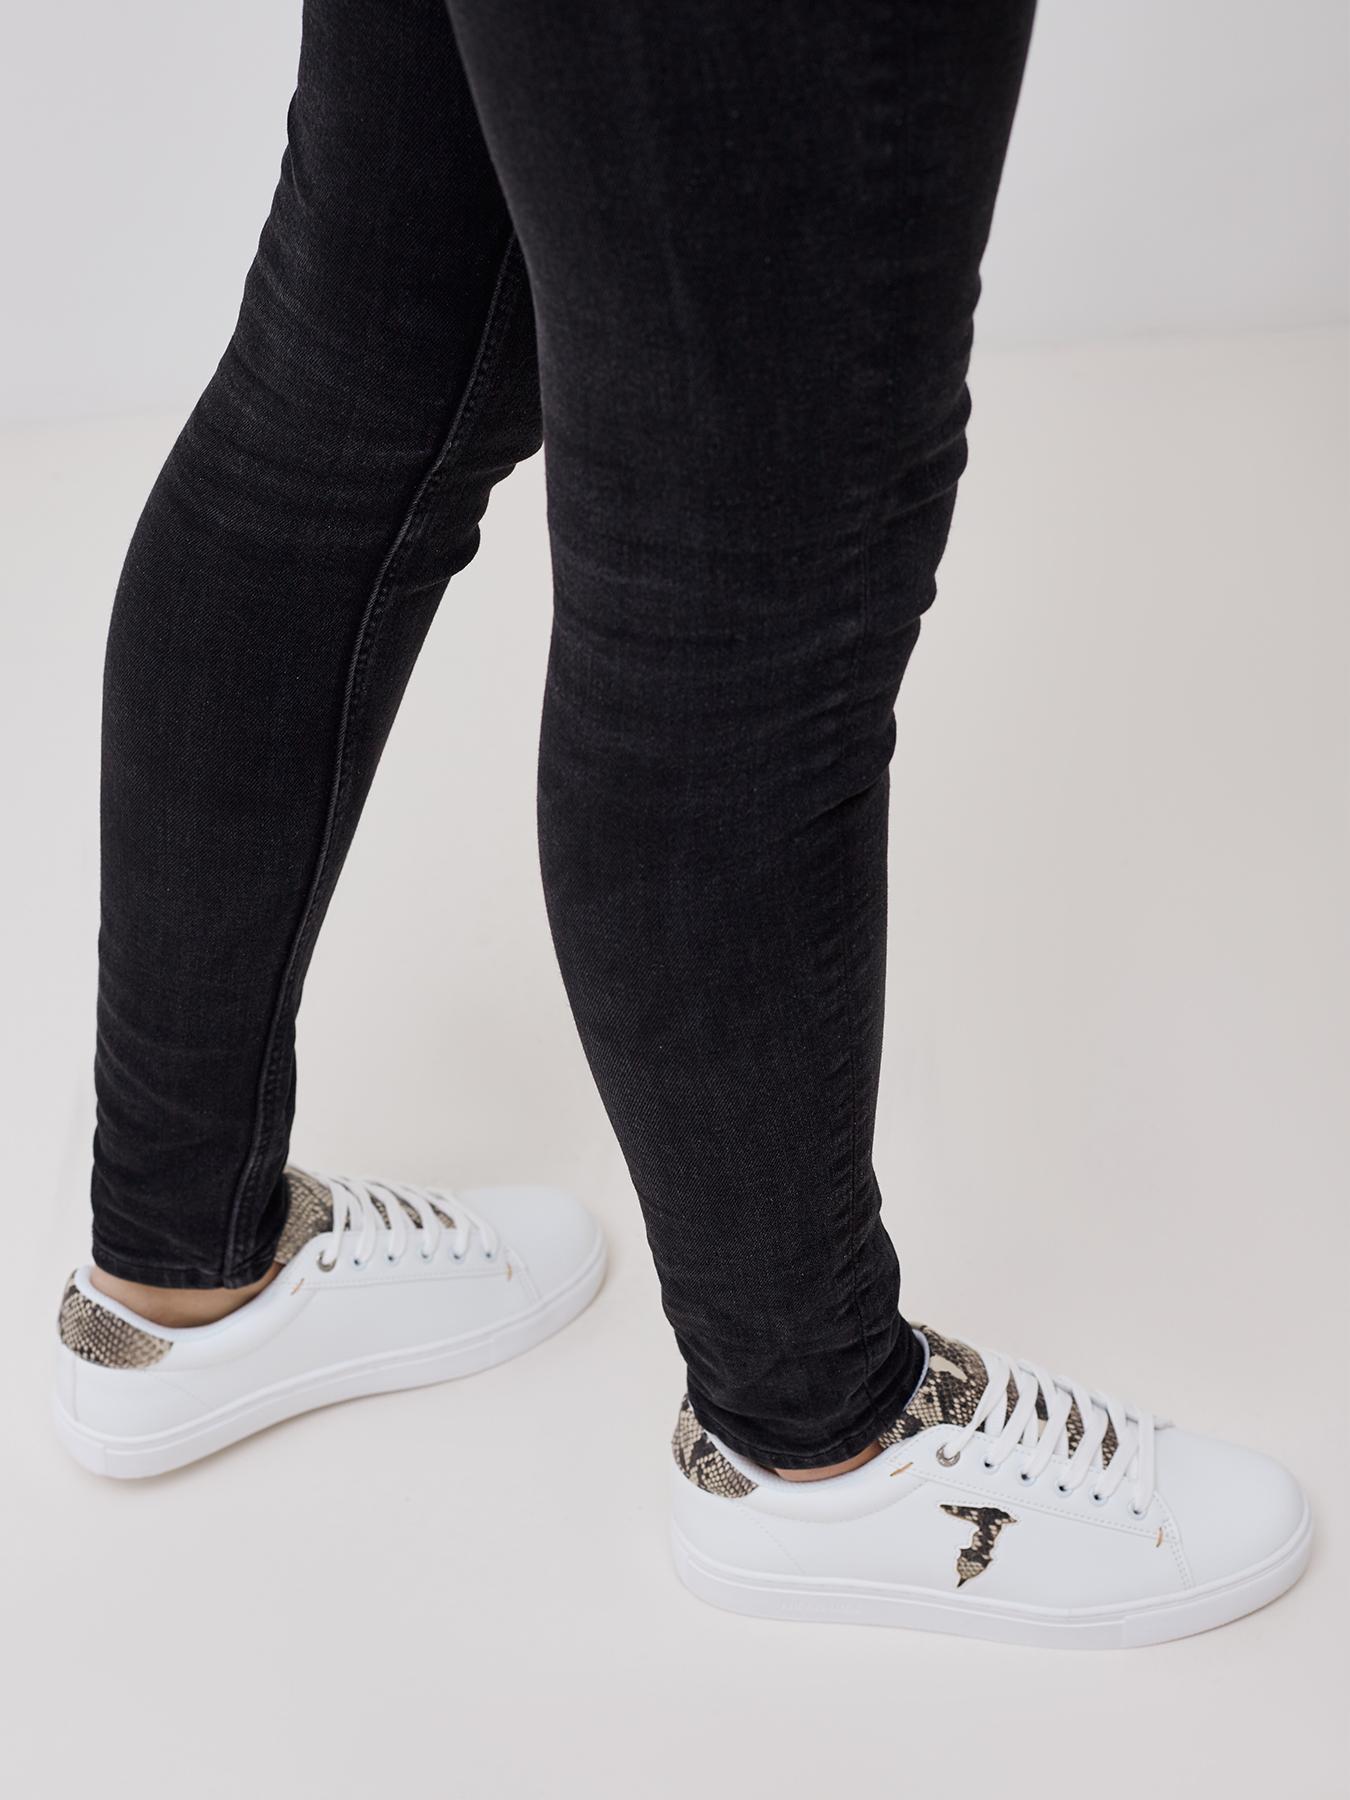 Кроссовки Trussardi Jeans Кеды